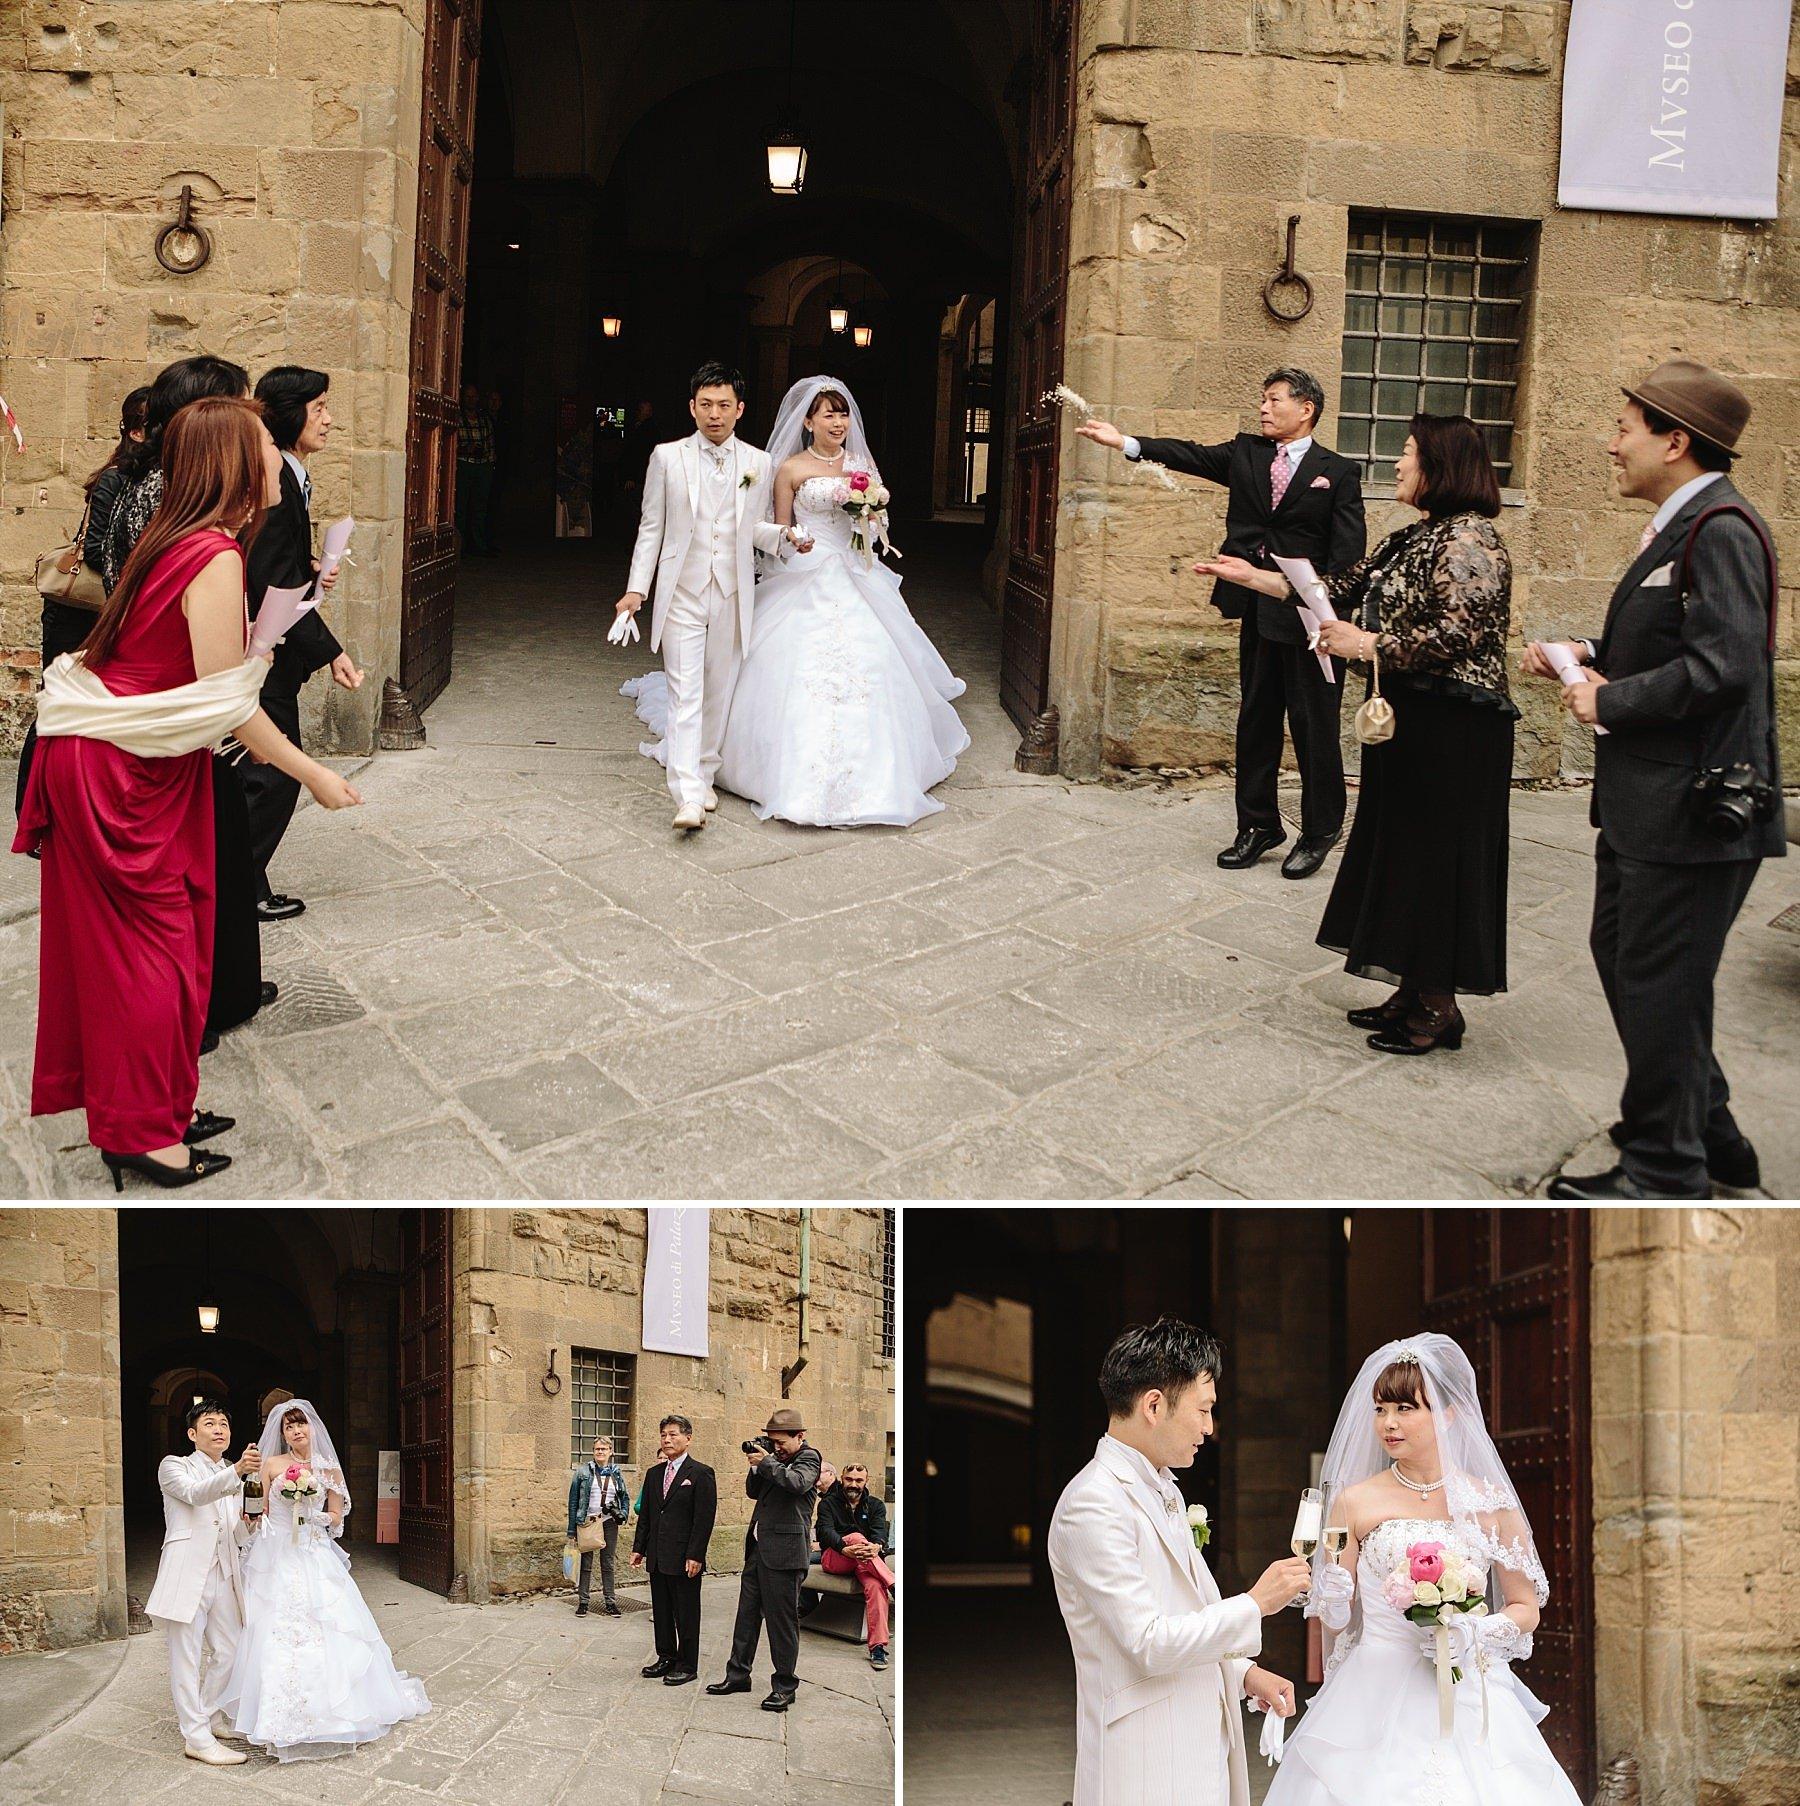 Just Married, Uscita sposi da Palazzo Vecchio a Firenze